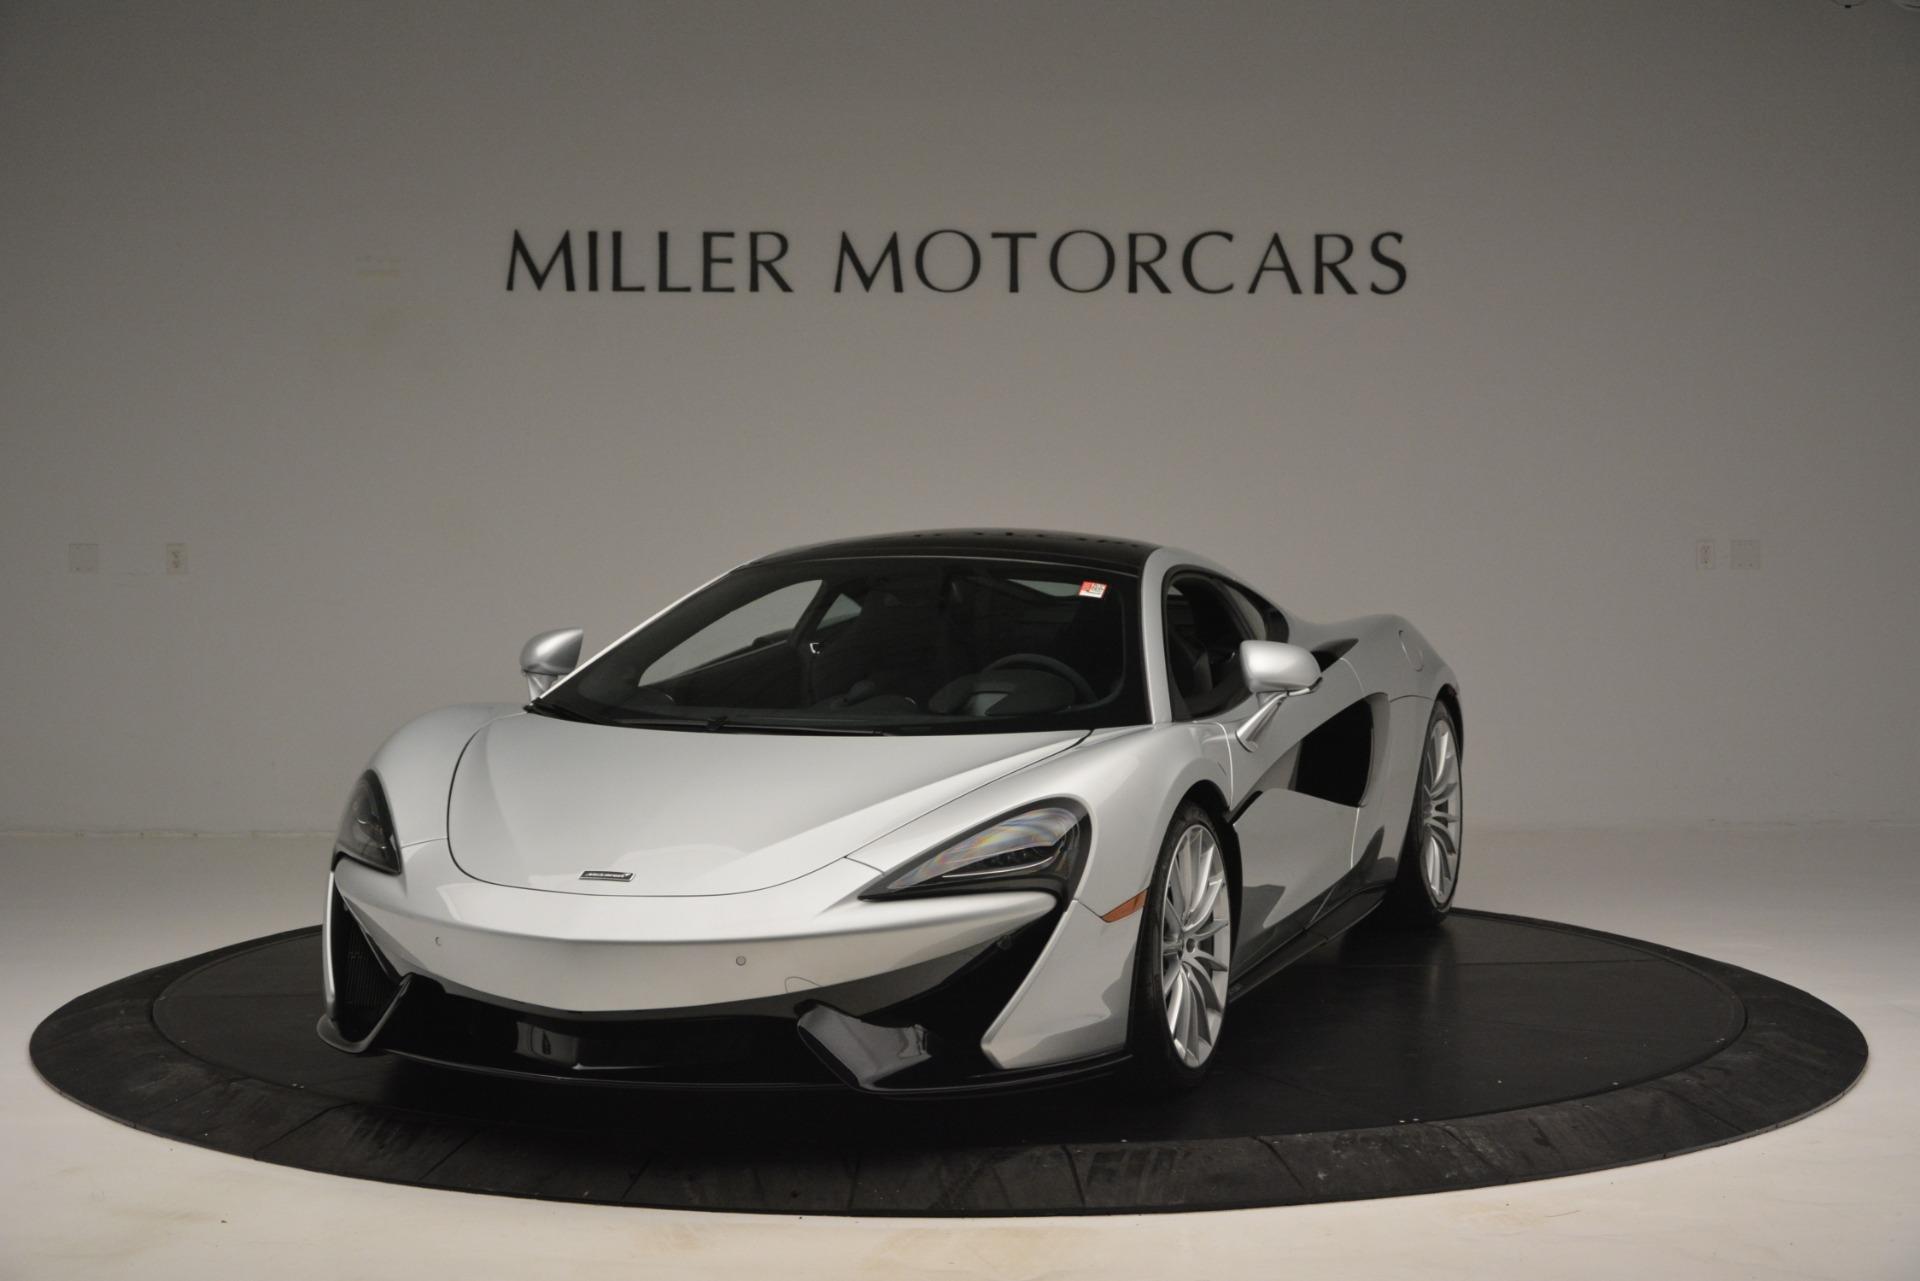 New 2019 McLaren 570GT Coupe For Sale In Westport, CT 2725_p2